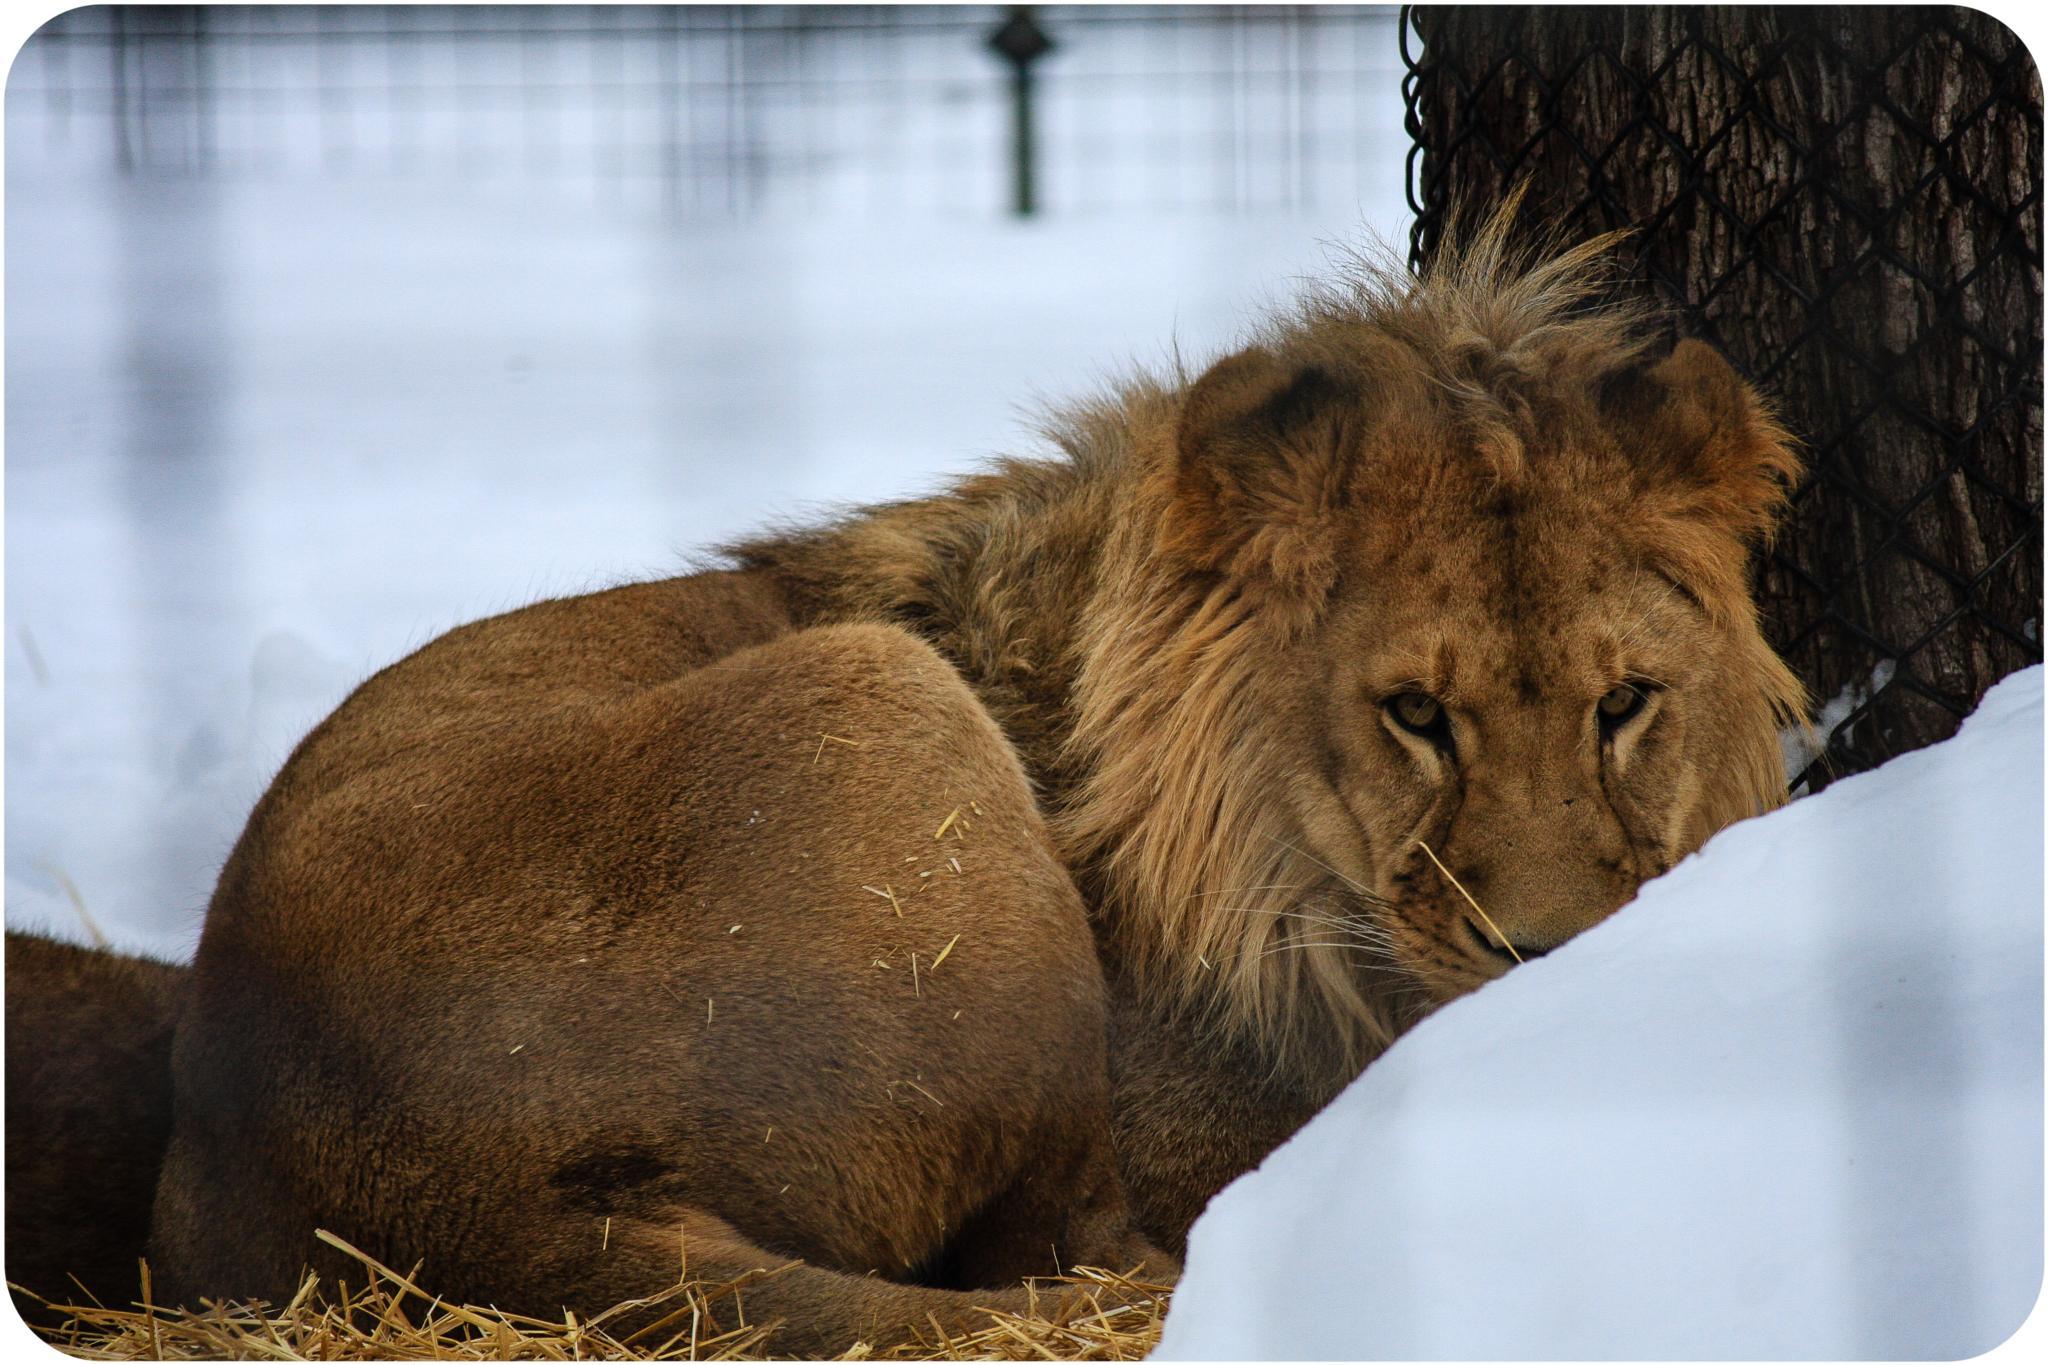 LION by Shelby Davis